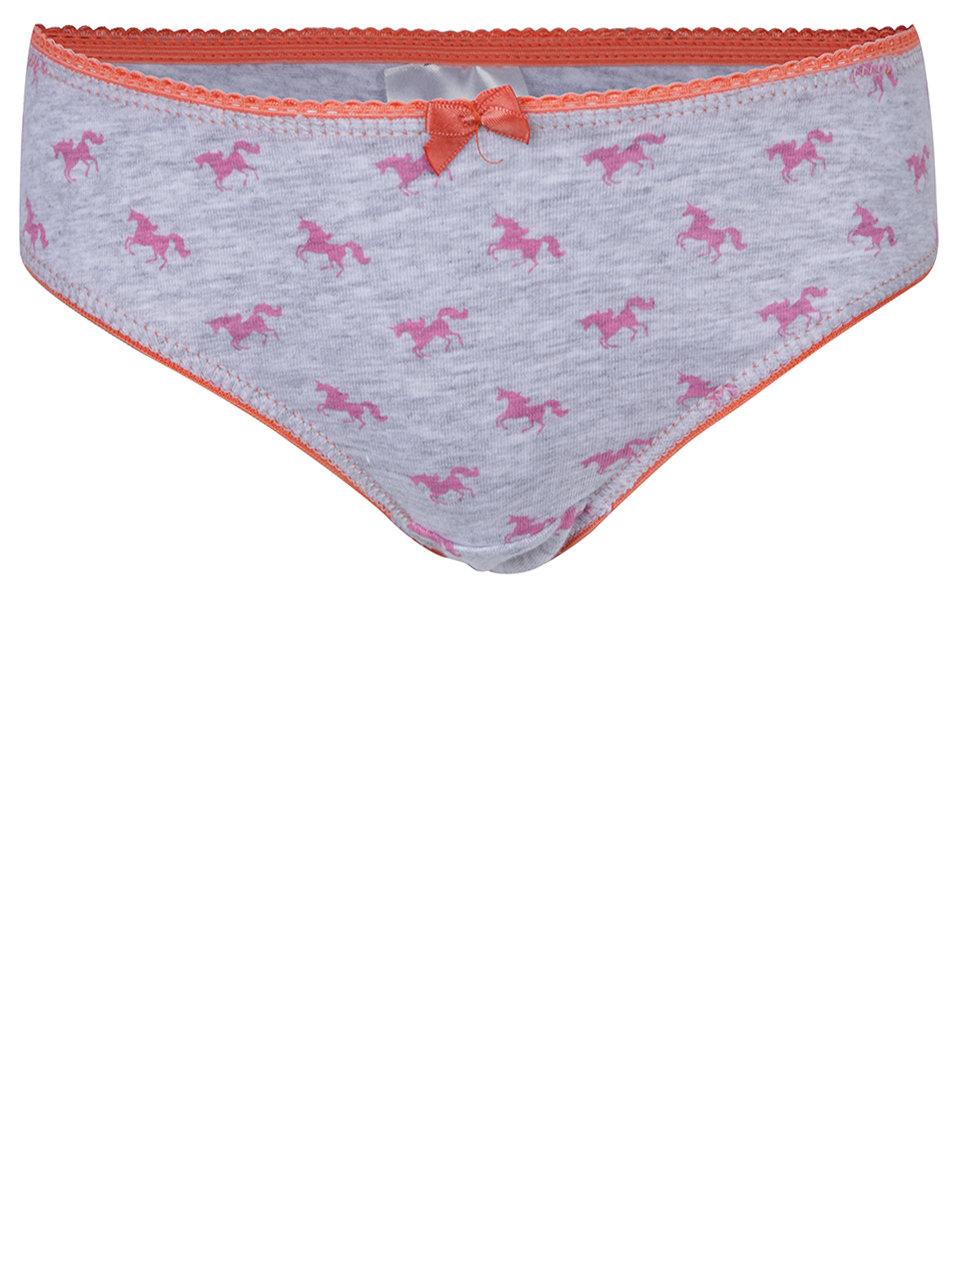 d04d4b69d61 Sada tří holčičích vzorovaných kalhotek v růžové a šedé barvě 5.10 ...